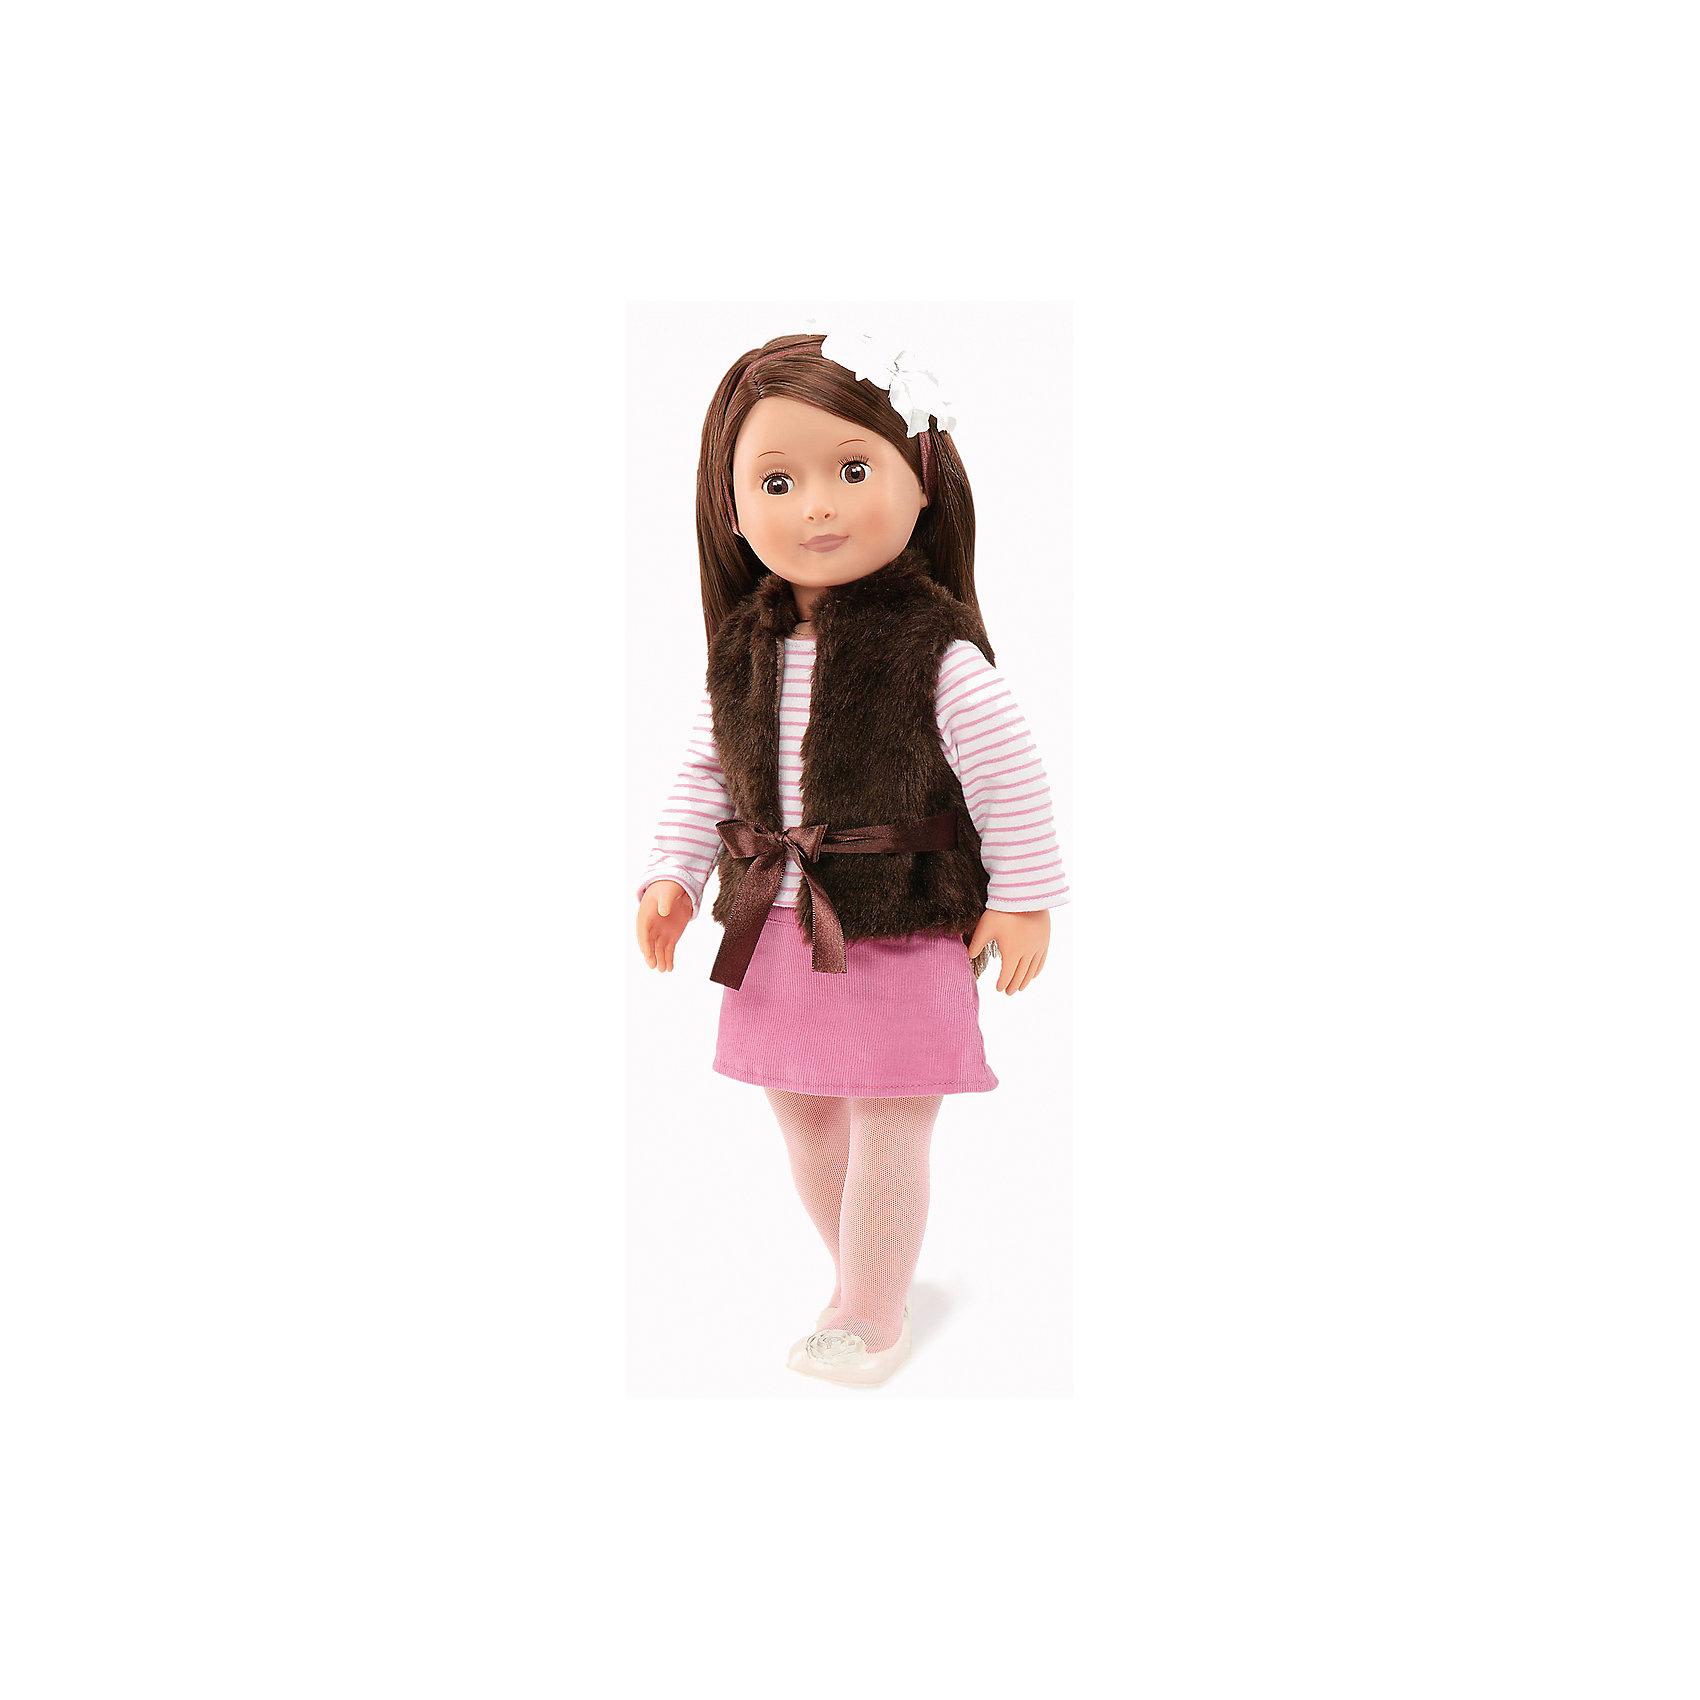 Кукла Сьена, 46 см, Our Generation DollsМягкие куклы<br>Кукла Сьена, 46 см, Our Generation Dolls (Куклы нашего поколения) ? канадская торговая марка компании Battat, которая выпускает экологически безопасных кукол и аксессуары к ним. Куклы данного производителя отличаются выразительными взглядами, мягкими чертами лица. У них подвижные все части тела, глаза закрываются.<br>Сьена – брюнетка с длинними темными волосами и карими глазами. Одета в полосатую кофточку с длинным рукавом, розовую вельветовую юбку, белые туфли и белые колготки. Поверх кофты на Сьене коричневая меховая жилетка на завязках. На голове – белая повязка с цветком. Кукла Сьена непременно станет любимой куклой вашей девочки, особое удовольствие ей доставит делать прически из длинных волос или заплетать косы.<br>Кукла Сьена, 46 см, Our Generation Dolls (Куклы нашего поколения) упакована в подарочную картонную коробку. Играя в куклы, девочка учится заботиться о близких и быть внимательной. <br><br>Дополнительная информация:<br><br>- Вид игр: сюжетно-ролевые<br>- Предназначение: для дома<br>- Материал: пластик, текстиль<br>- Высота куклы: 46 см<br>- Вес: 1 кг 100 г<br>- Особенности ухода: разрешается мыть в теплой мыльной воде<br><br>Подробнее:<br><br>• Для детей в возрасте: от 3 лет<br>• Страна производитель: Китай<br>• Торговый бренд: Our Generation Dolls<br><br>Куклу Сьену, 46 см, Our Generation Dolls (Куклы нашего поколения) можно купить в нашем интернет-магазине.<br><br>Ширина мм: 26<br>Глубина мм: 13<br>Высота мм: 51<br>Вес г: 1500<br>Возраст от месяцев: 36<br>Возраст до месяцев: 2147483647<br>Пол: Унисекс<br>Возраст: Детский<br>SKU: 4871813